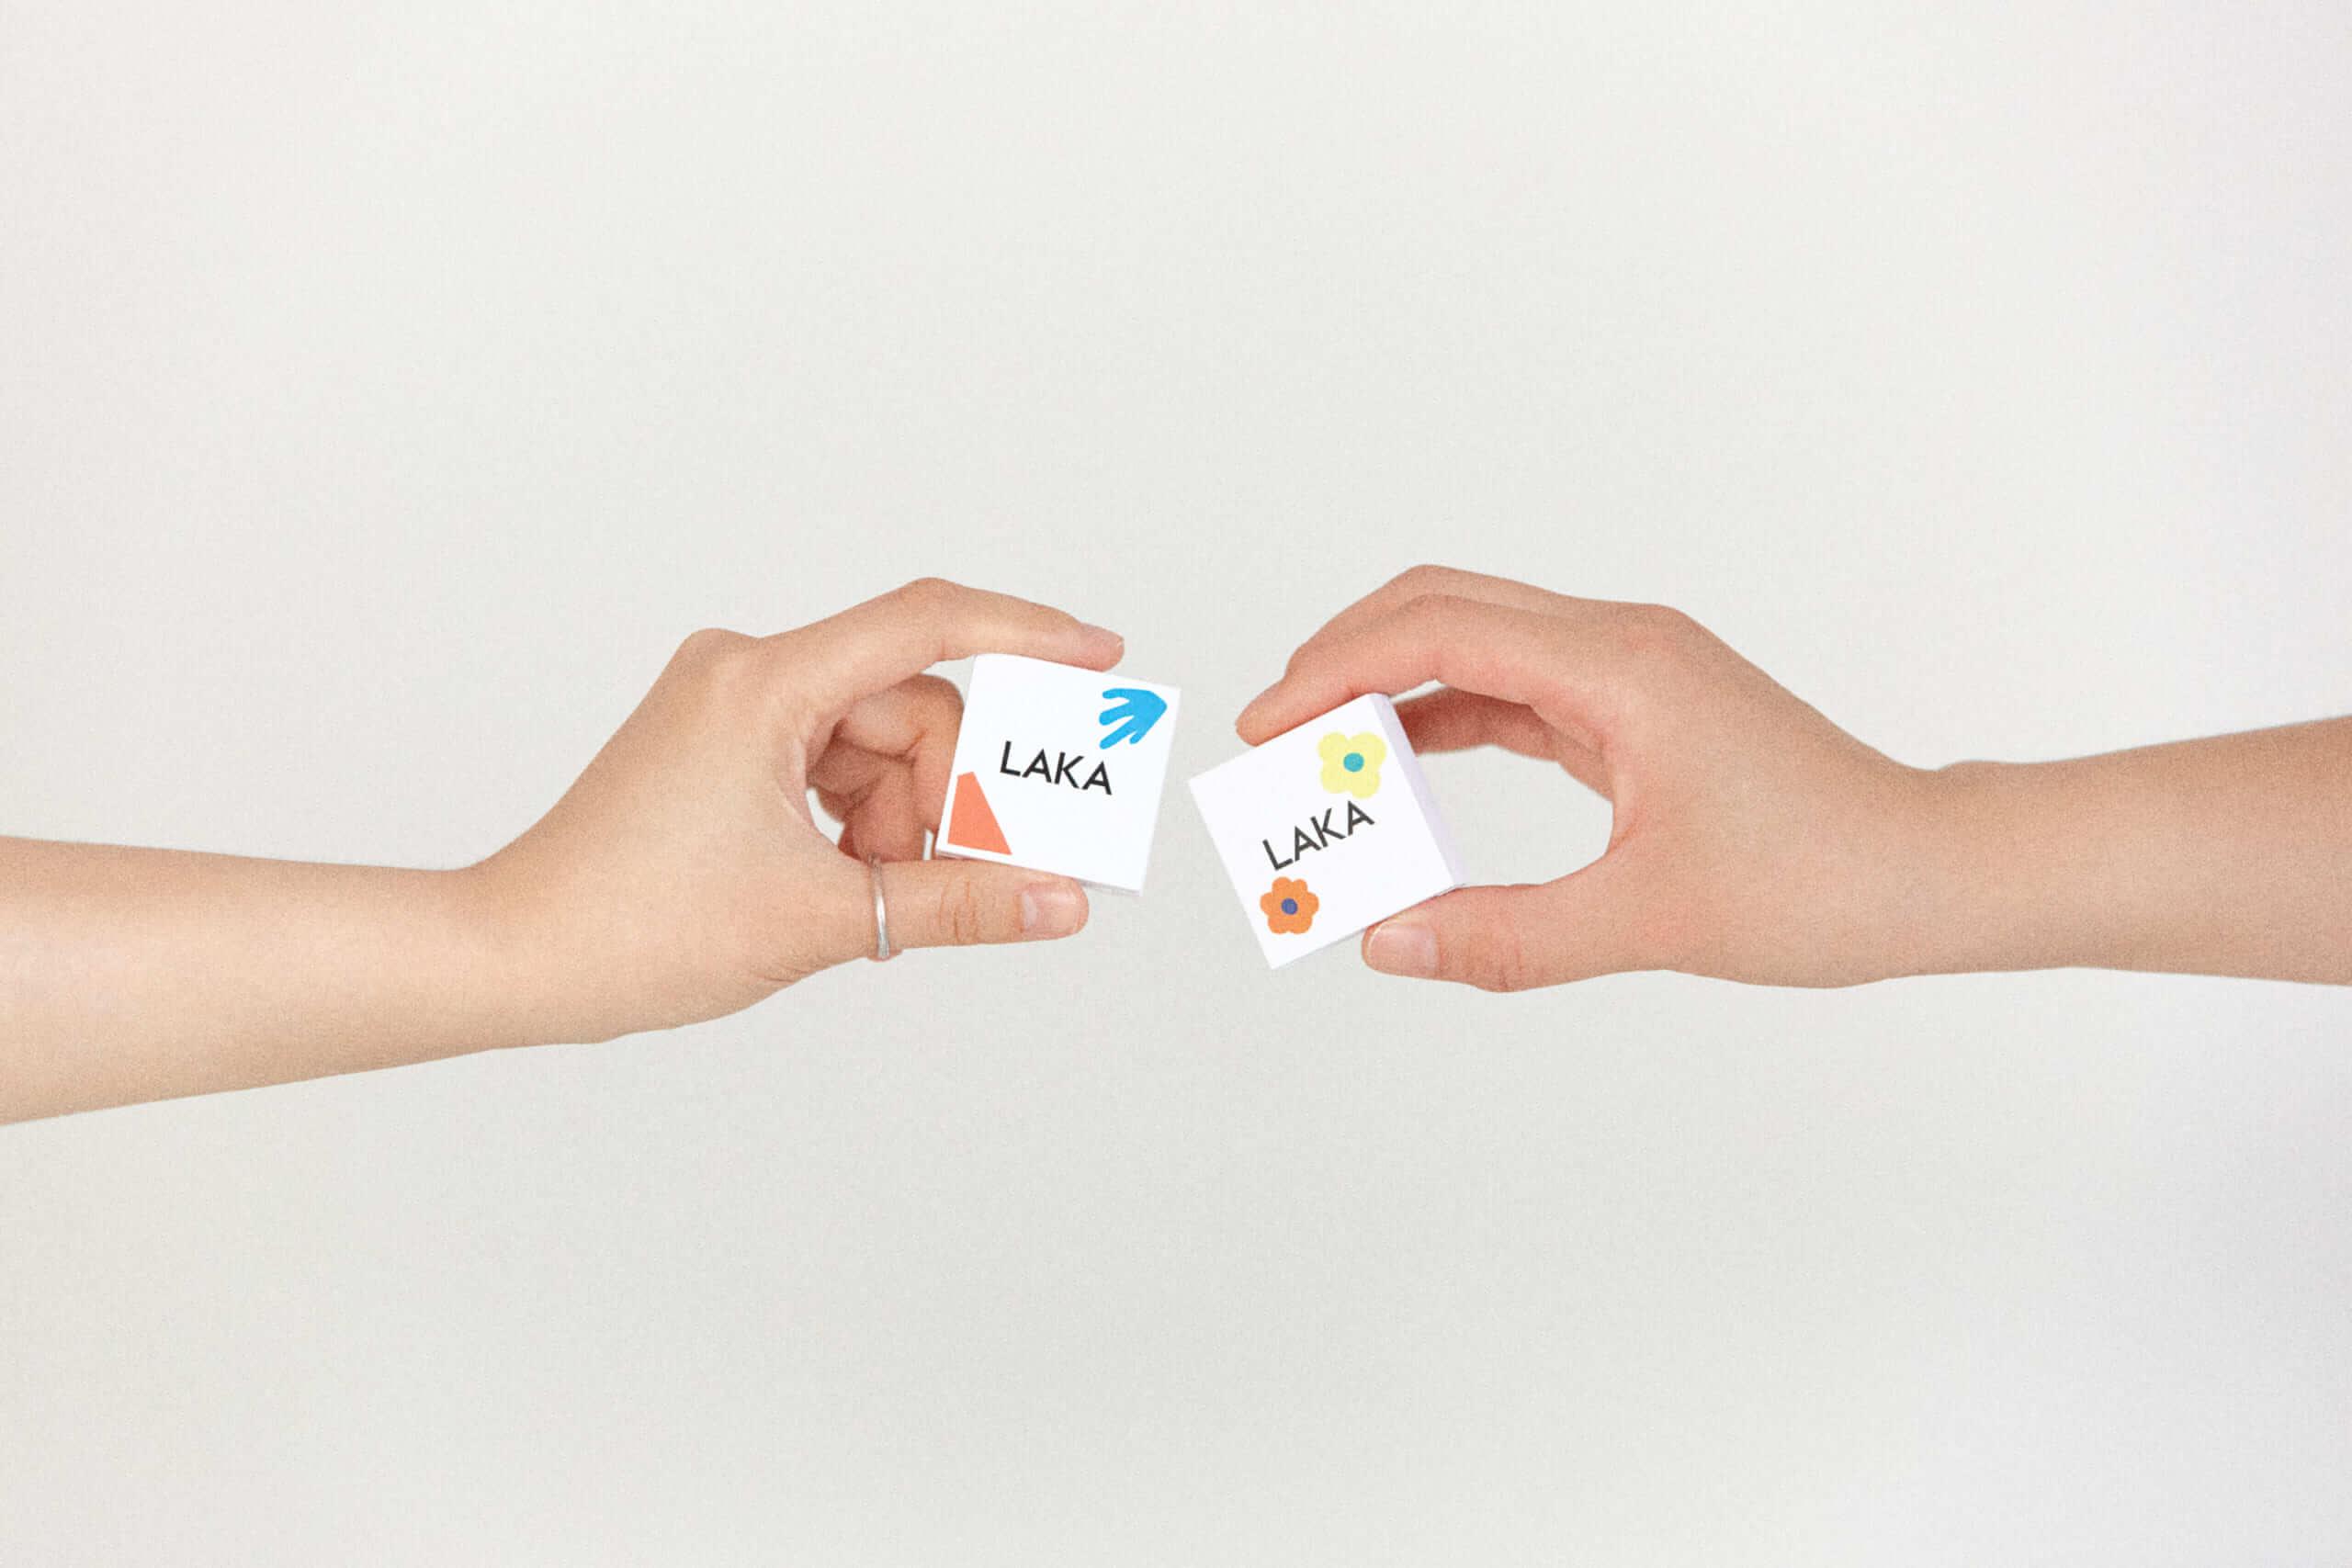 最新韓国コスメ「LAKA(ラカ)」のキャンペーン商品